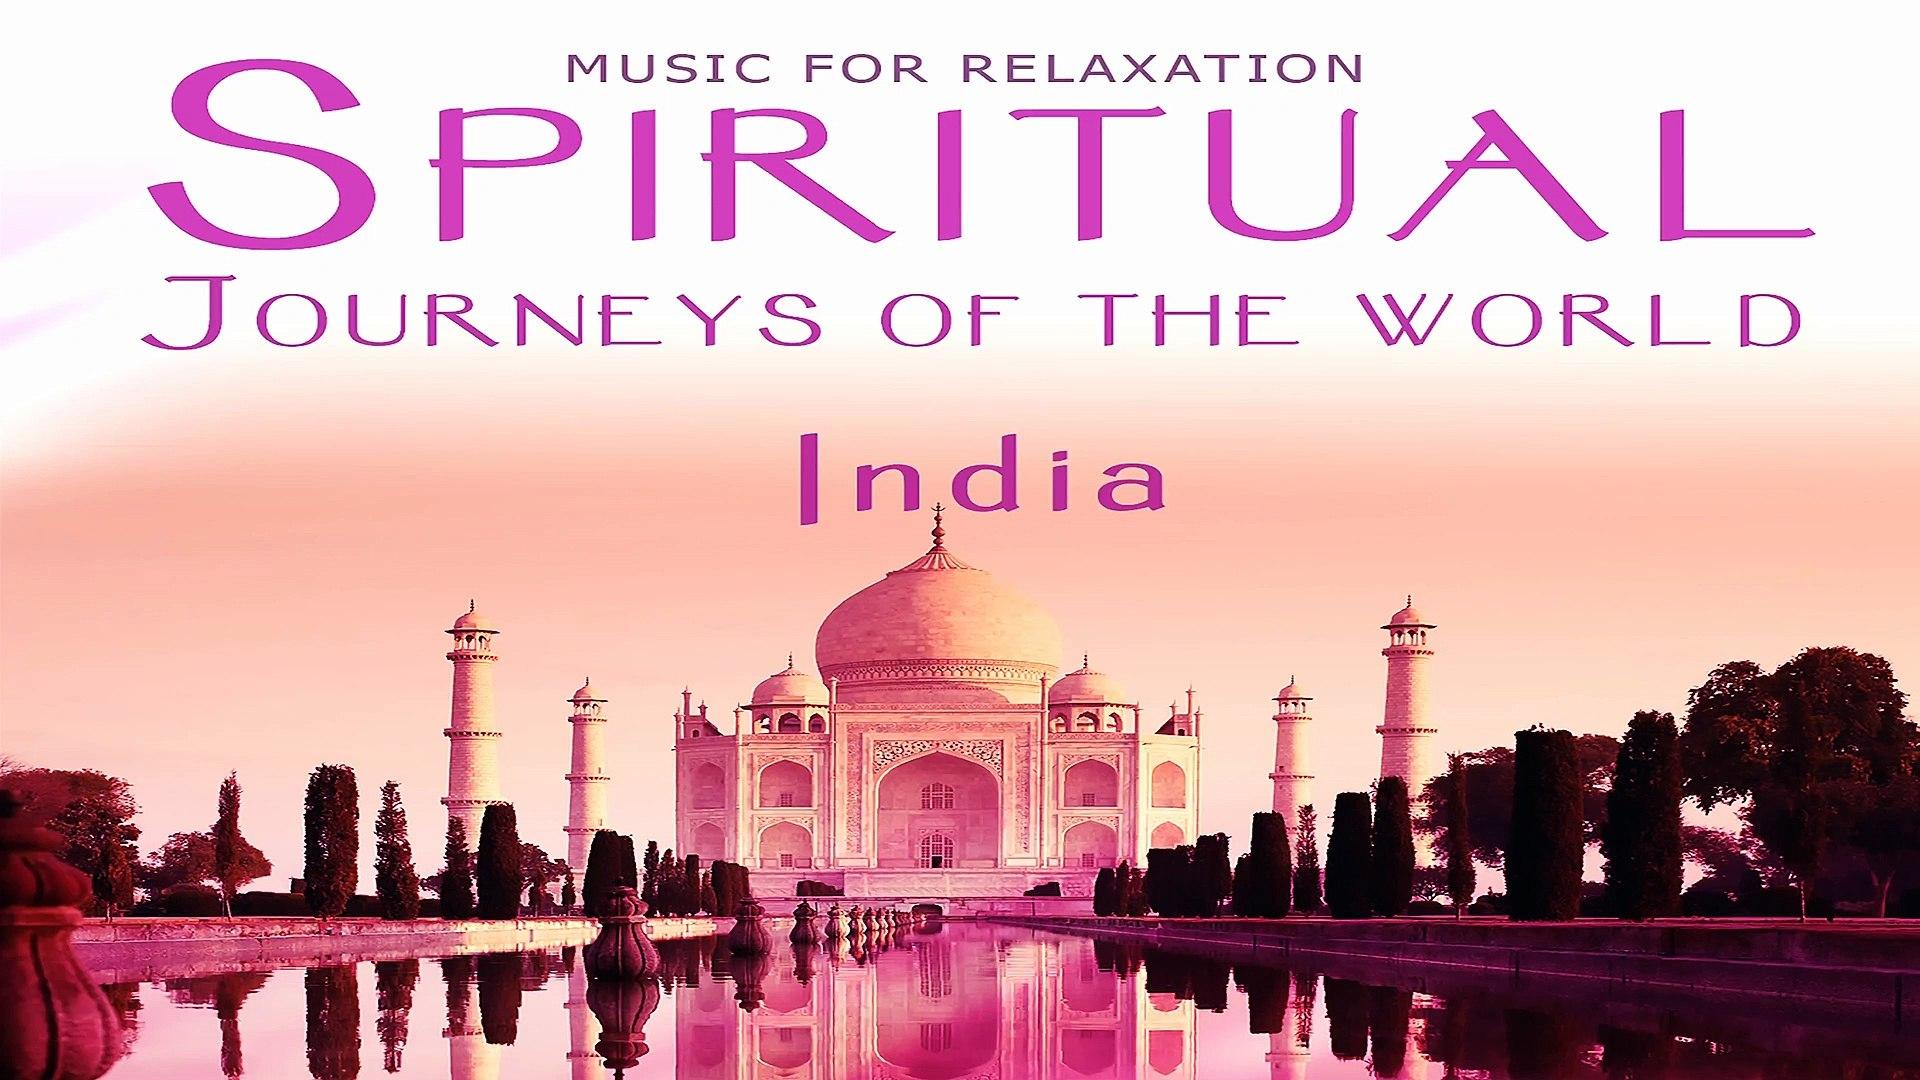 Spiritual India Meditation Music, Spiritual Journeys of The World for Yoga, Sleep and SPA